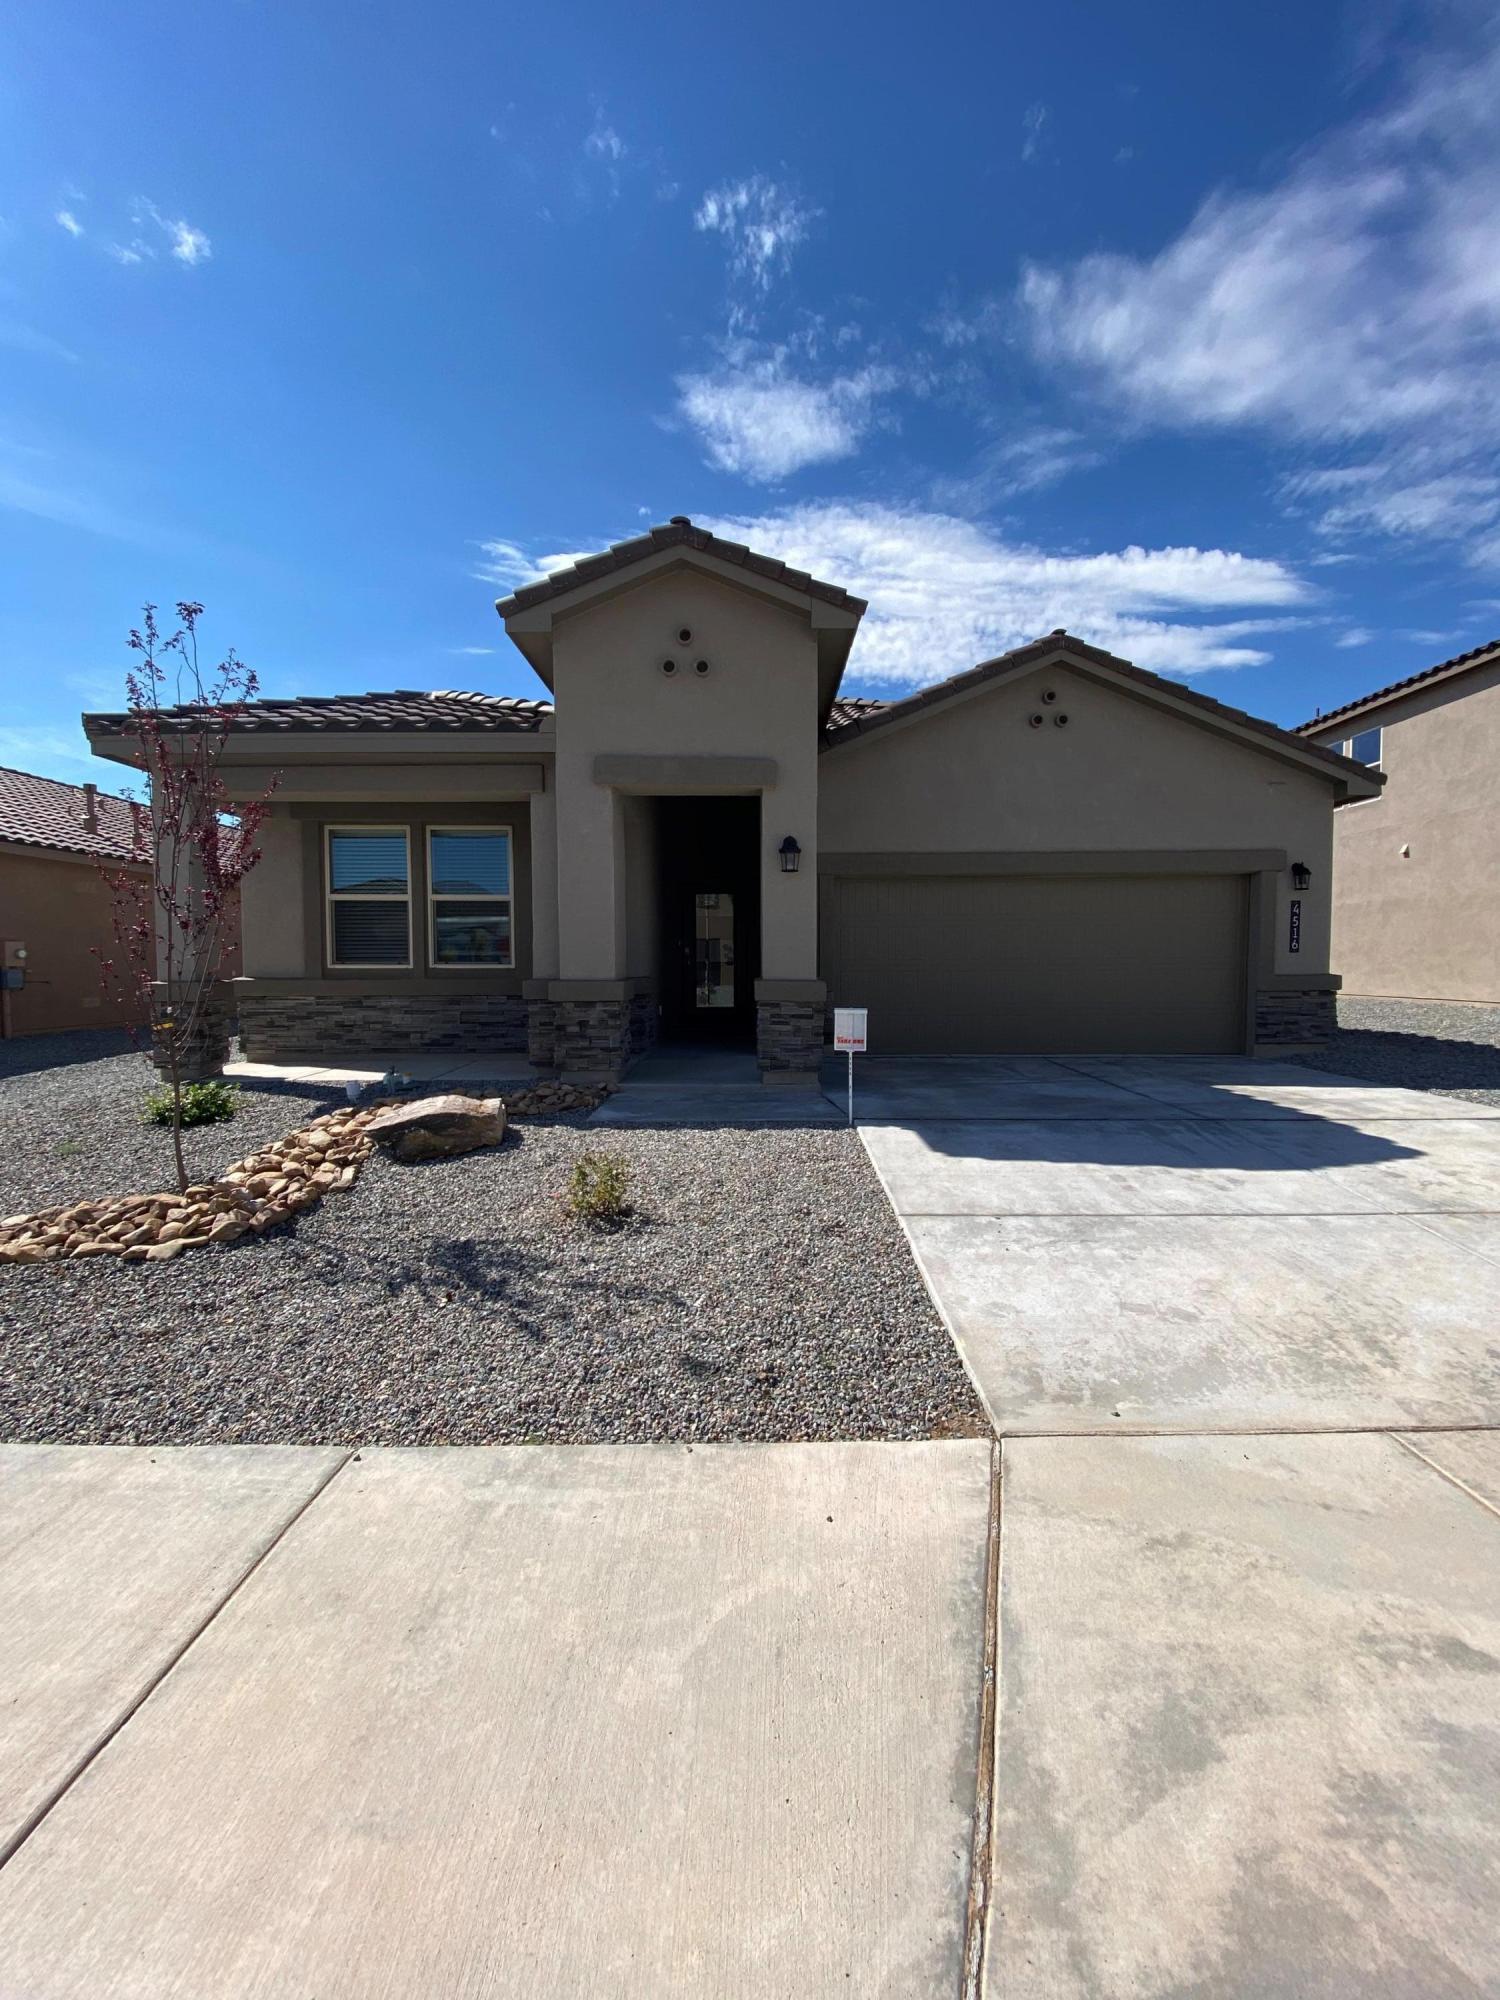 4516 Skyline Loop NE, Rio Rancho, NM 87144 - Rio Rancho, NM real estate listing